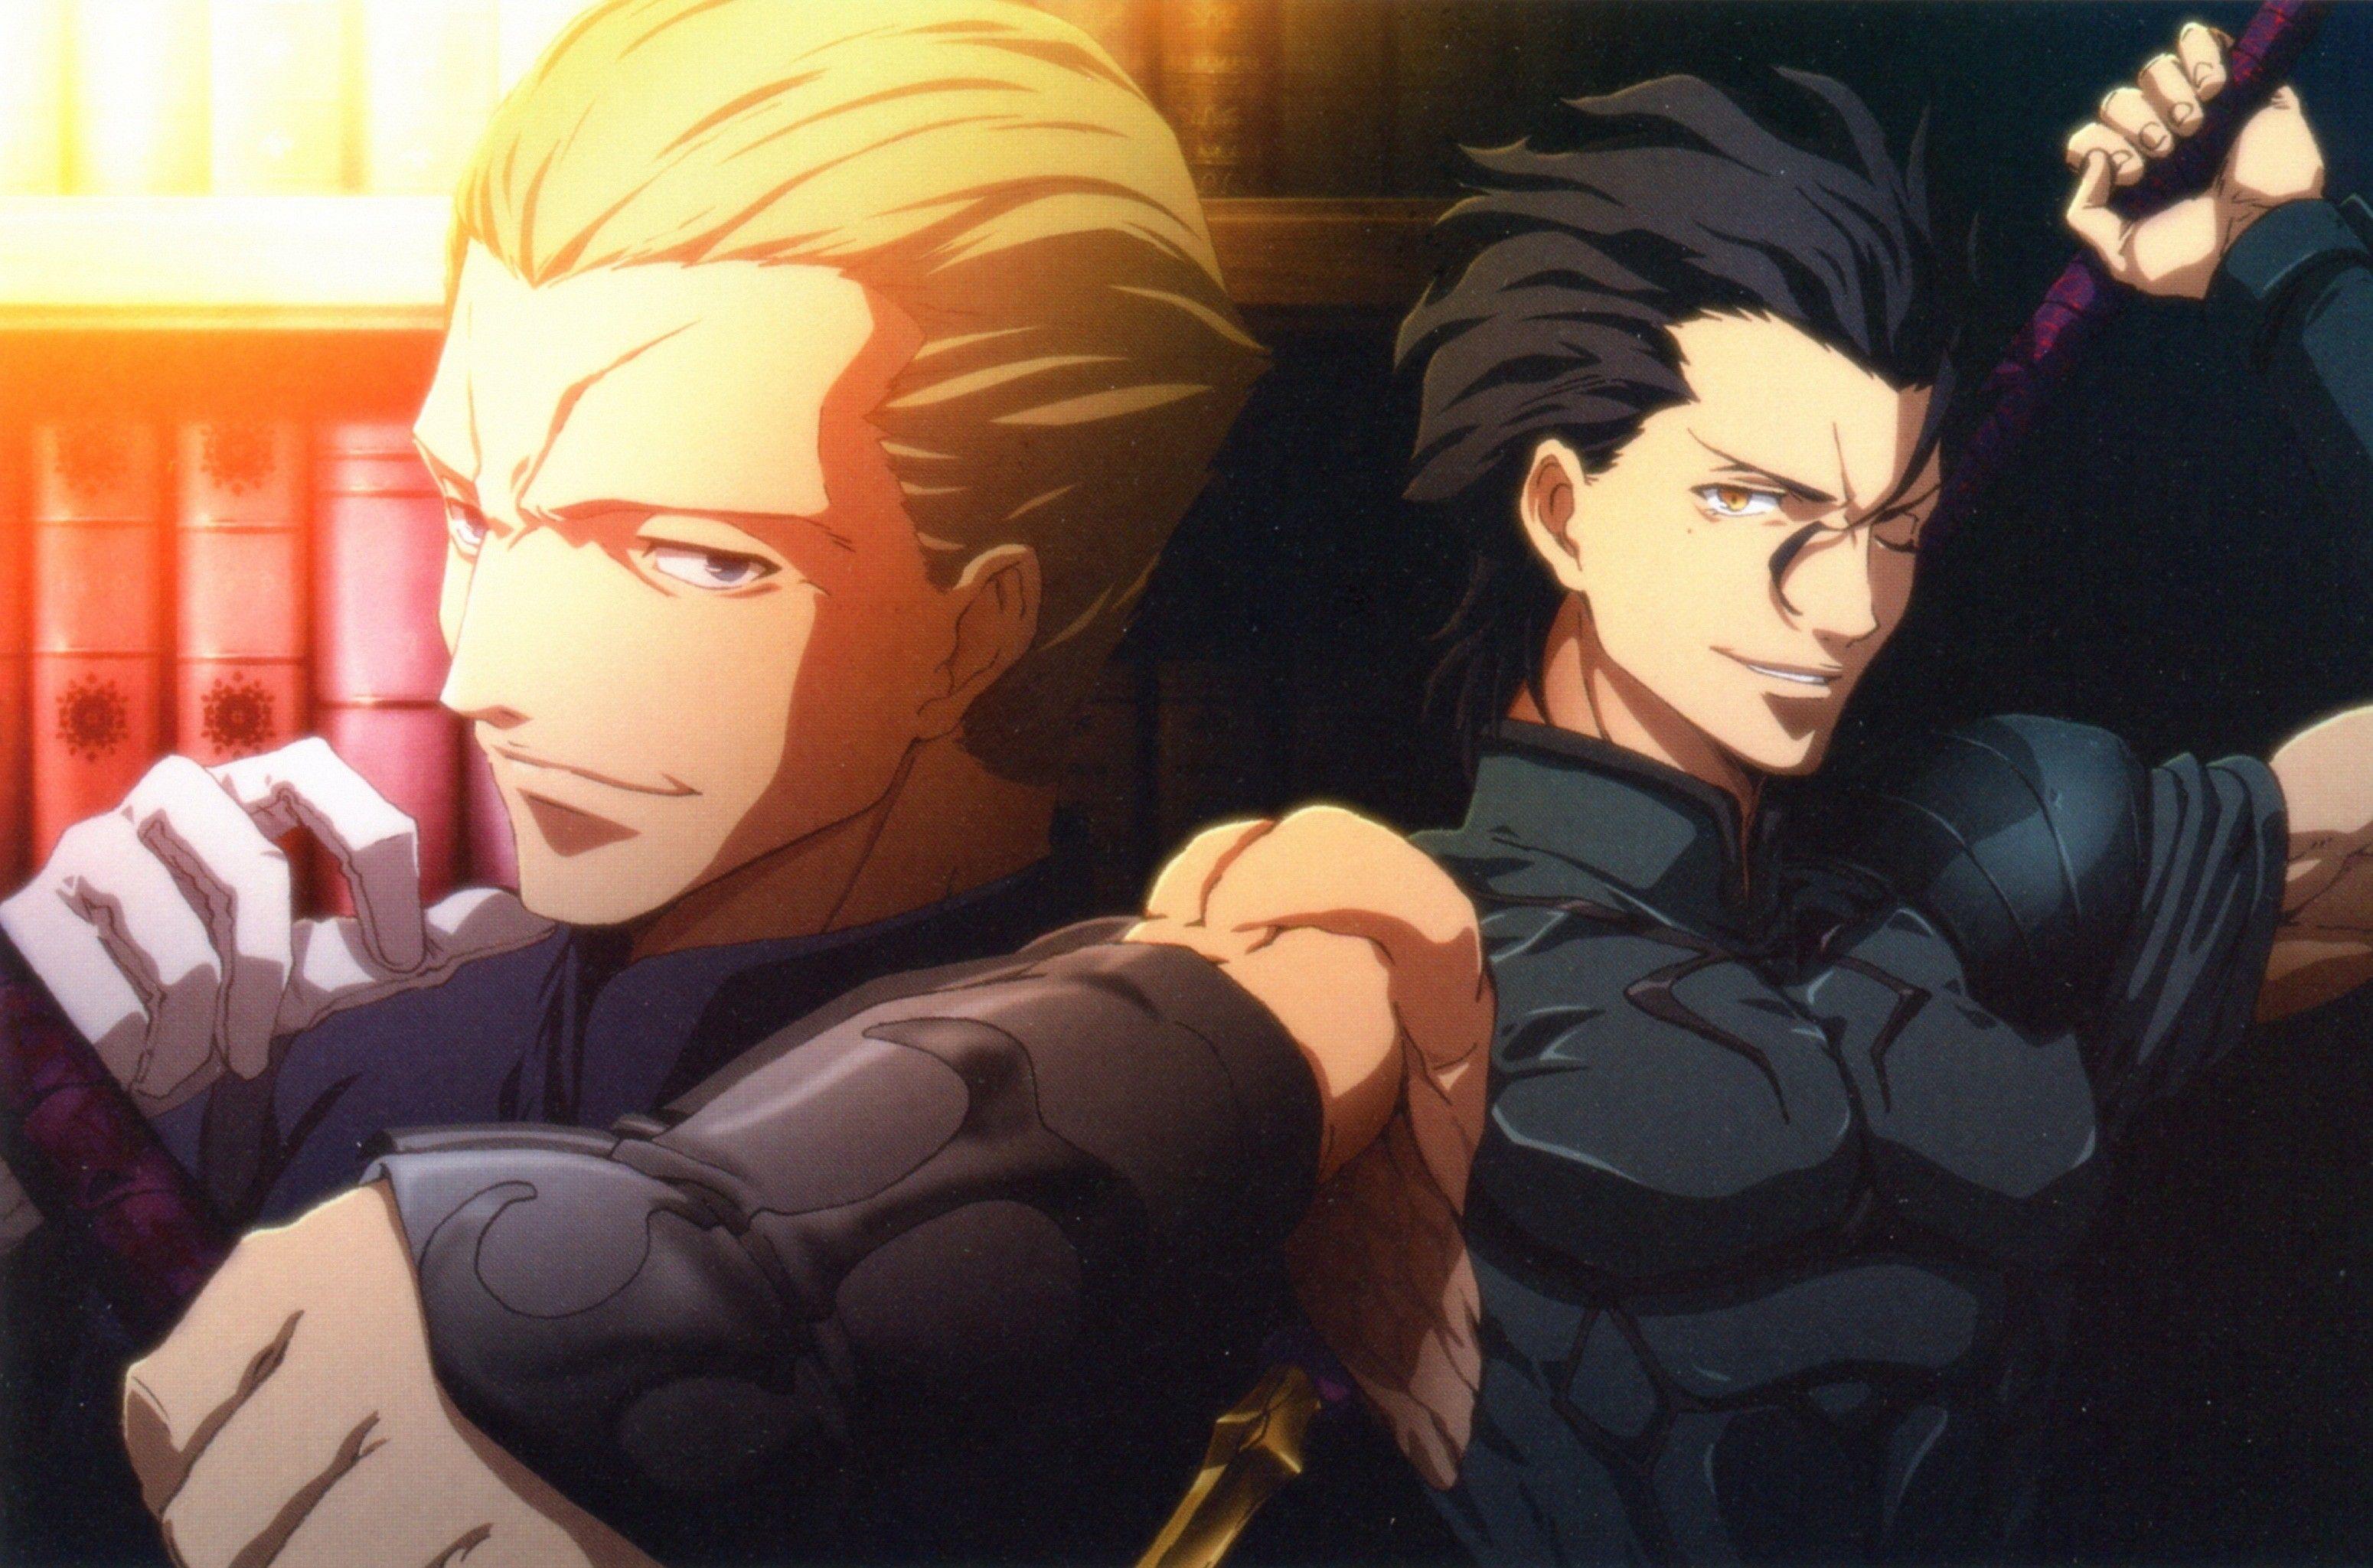 Lancer Fate Zero Fate Series Kayneth Archibald El Melloi 3100x2049 Fate Series Via Www Allwallpaper In Fate Zero Fate Anime